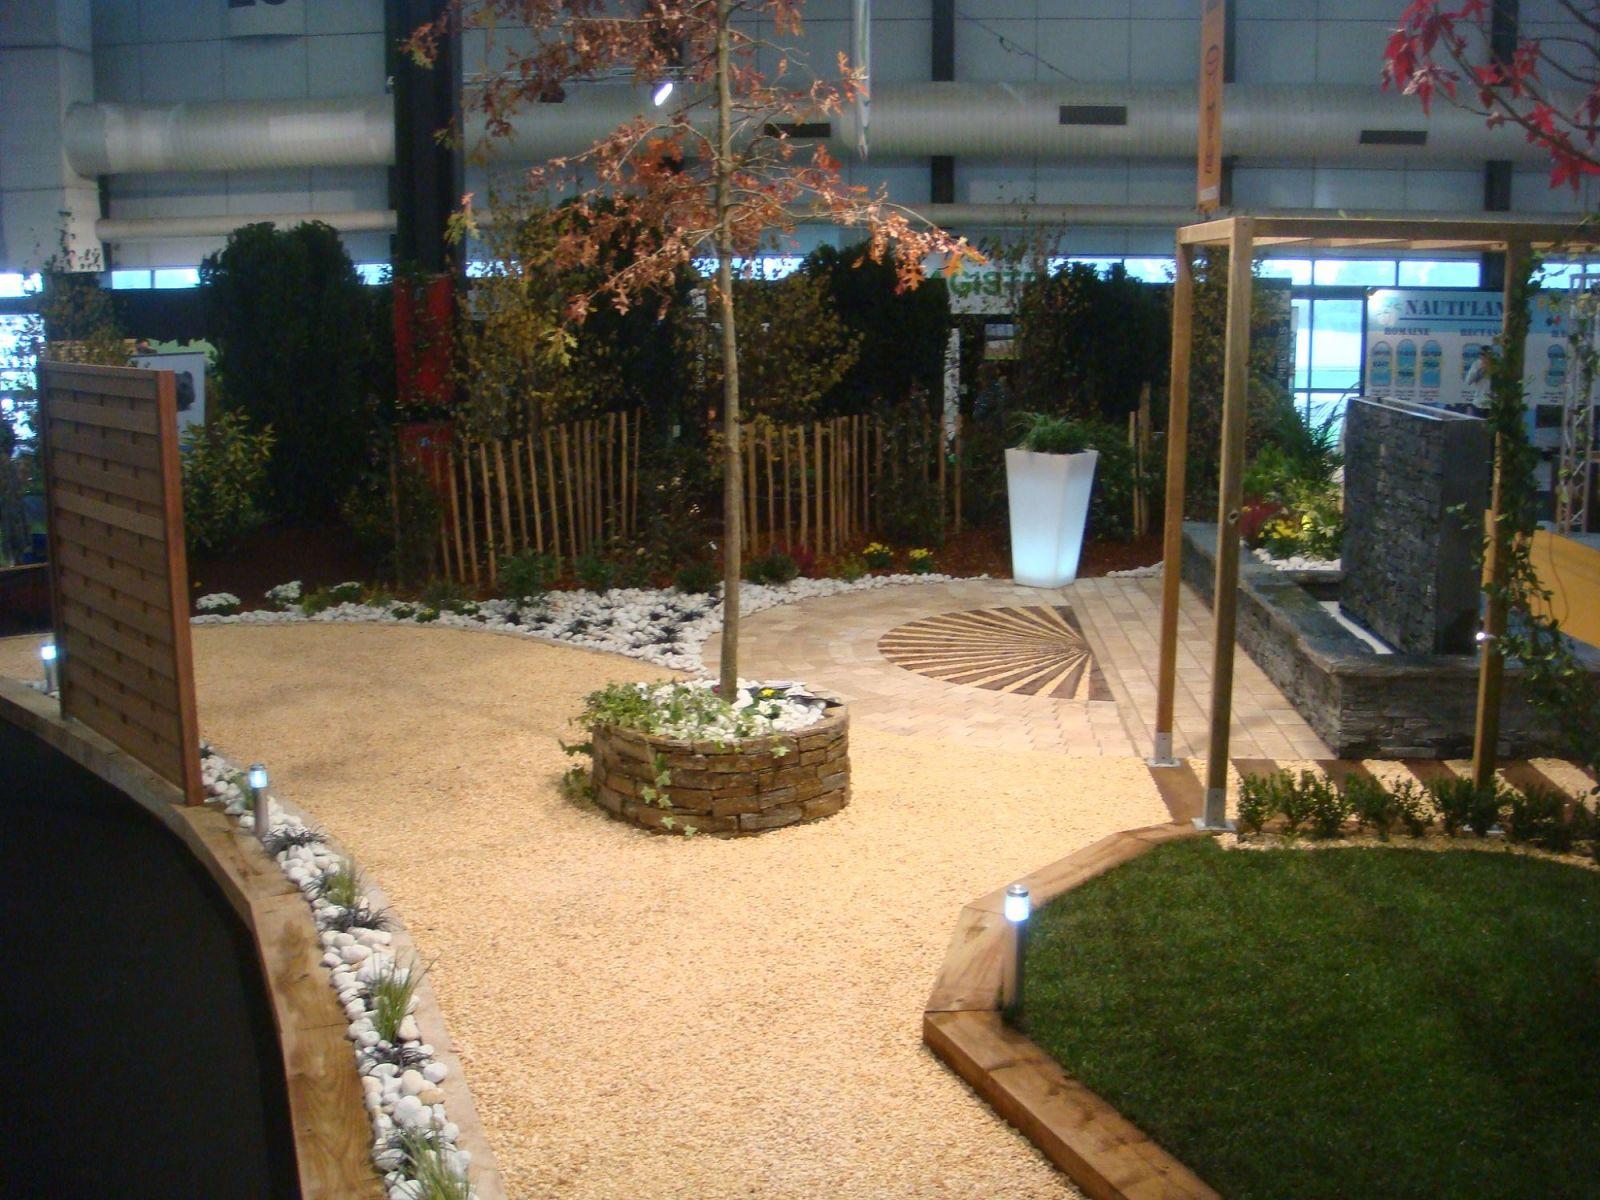 paysagiste pour l 39 am nagement d 39 un jardin bordeaux am nagement de jardin par un paysagiste. Black Bedroom Furniture Sets. Home Design Ideas